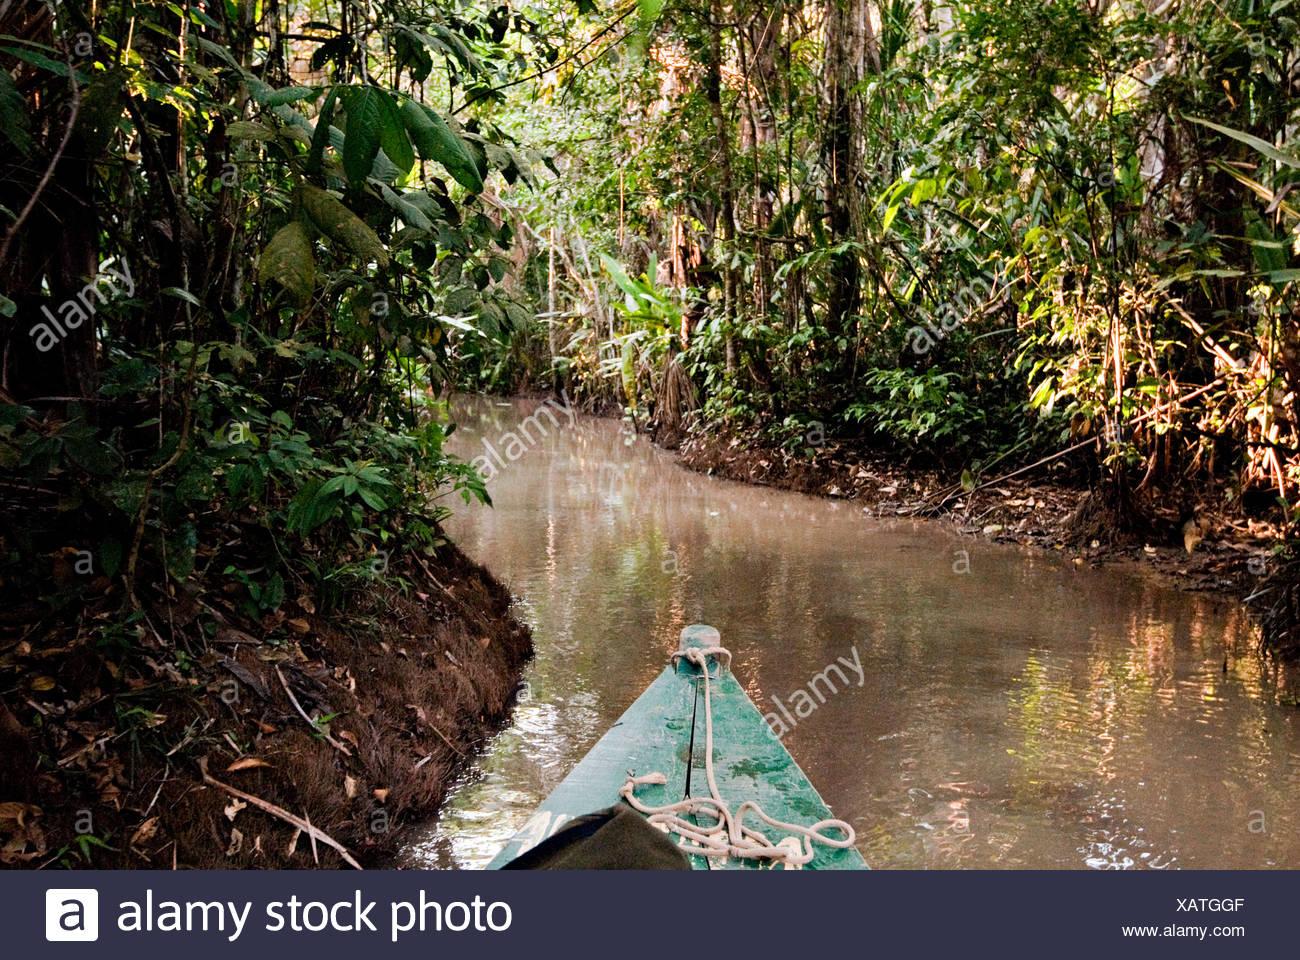 La foresta pluviale amazzonica Puerto Maldanado, Perù. Immagini Stock